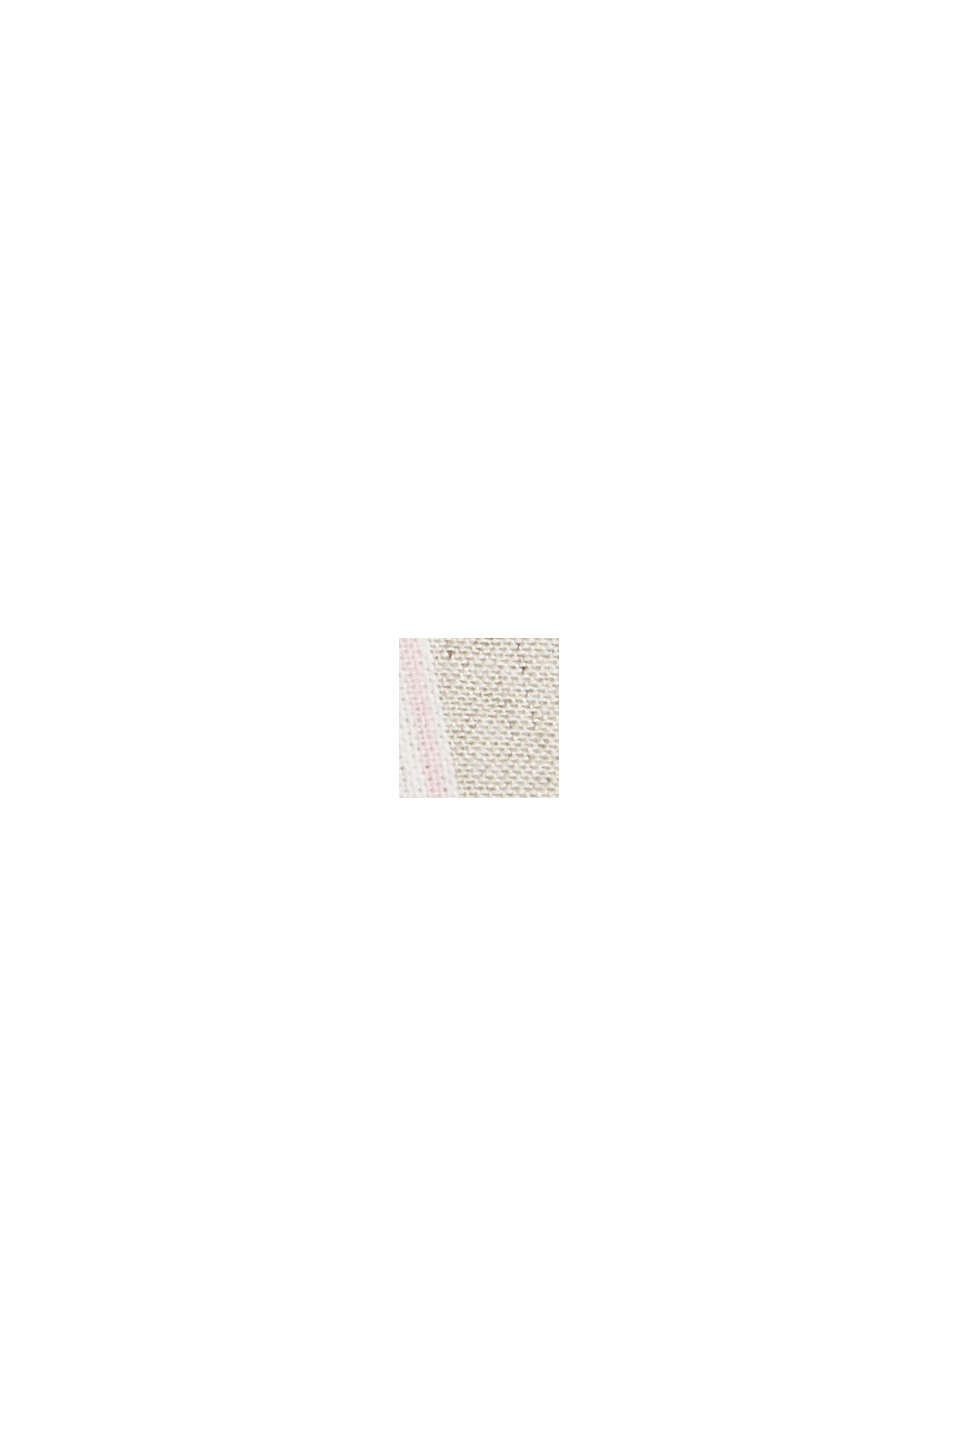 Z bawełny ekologicznej/lnu: dwurzędowy żakiet, SAND, swatch